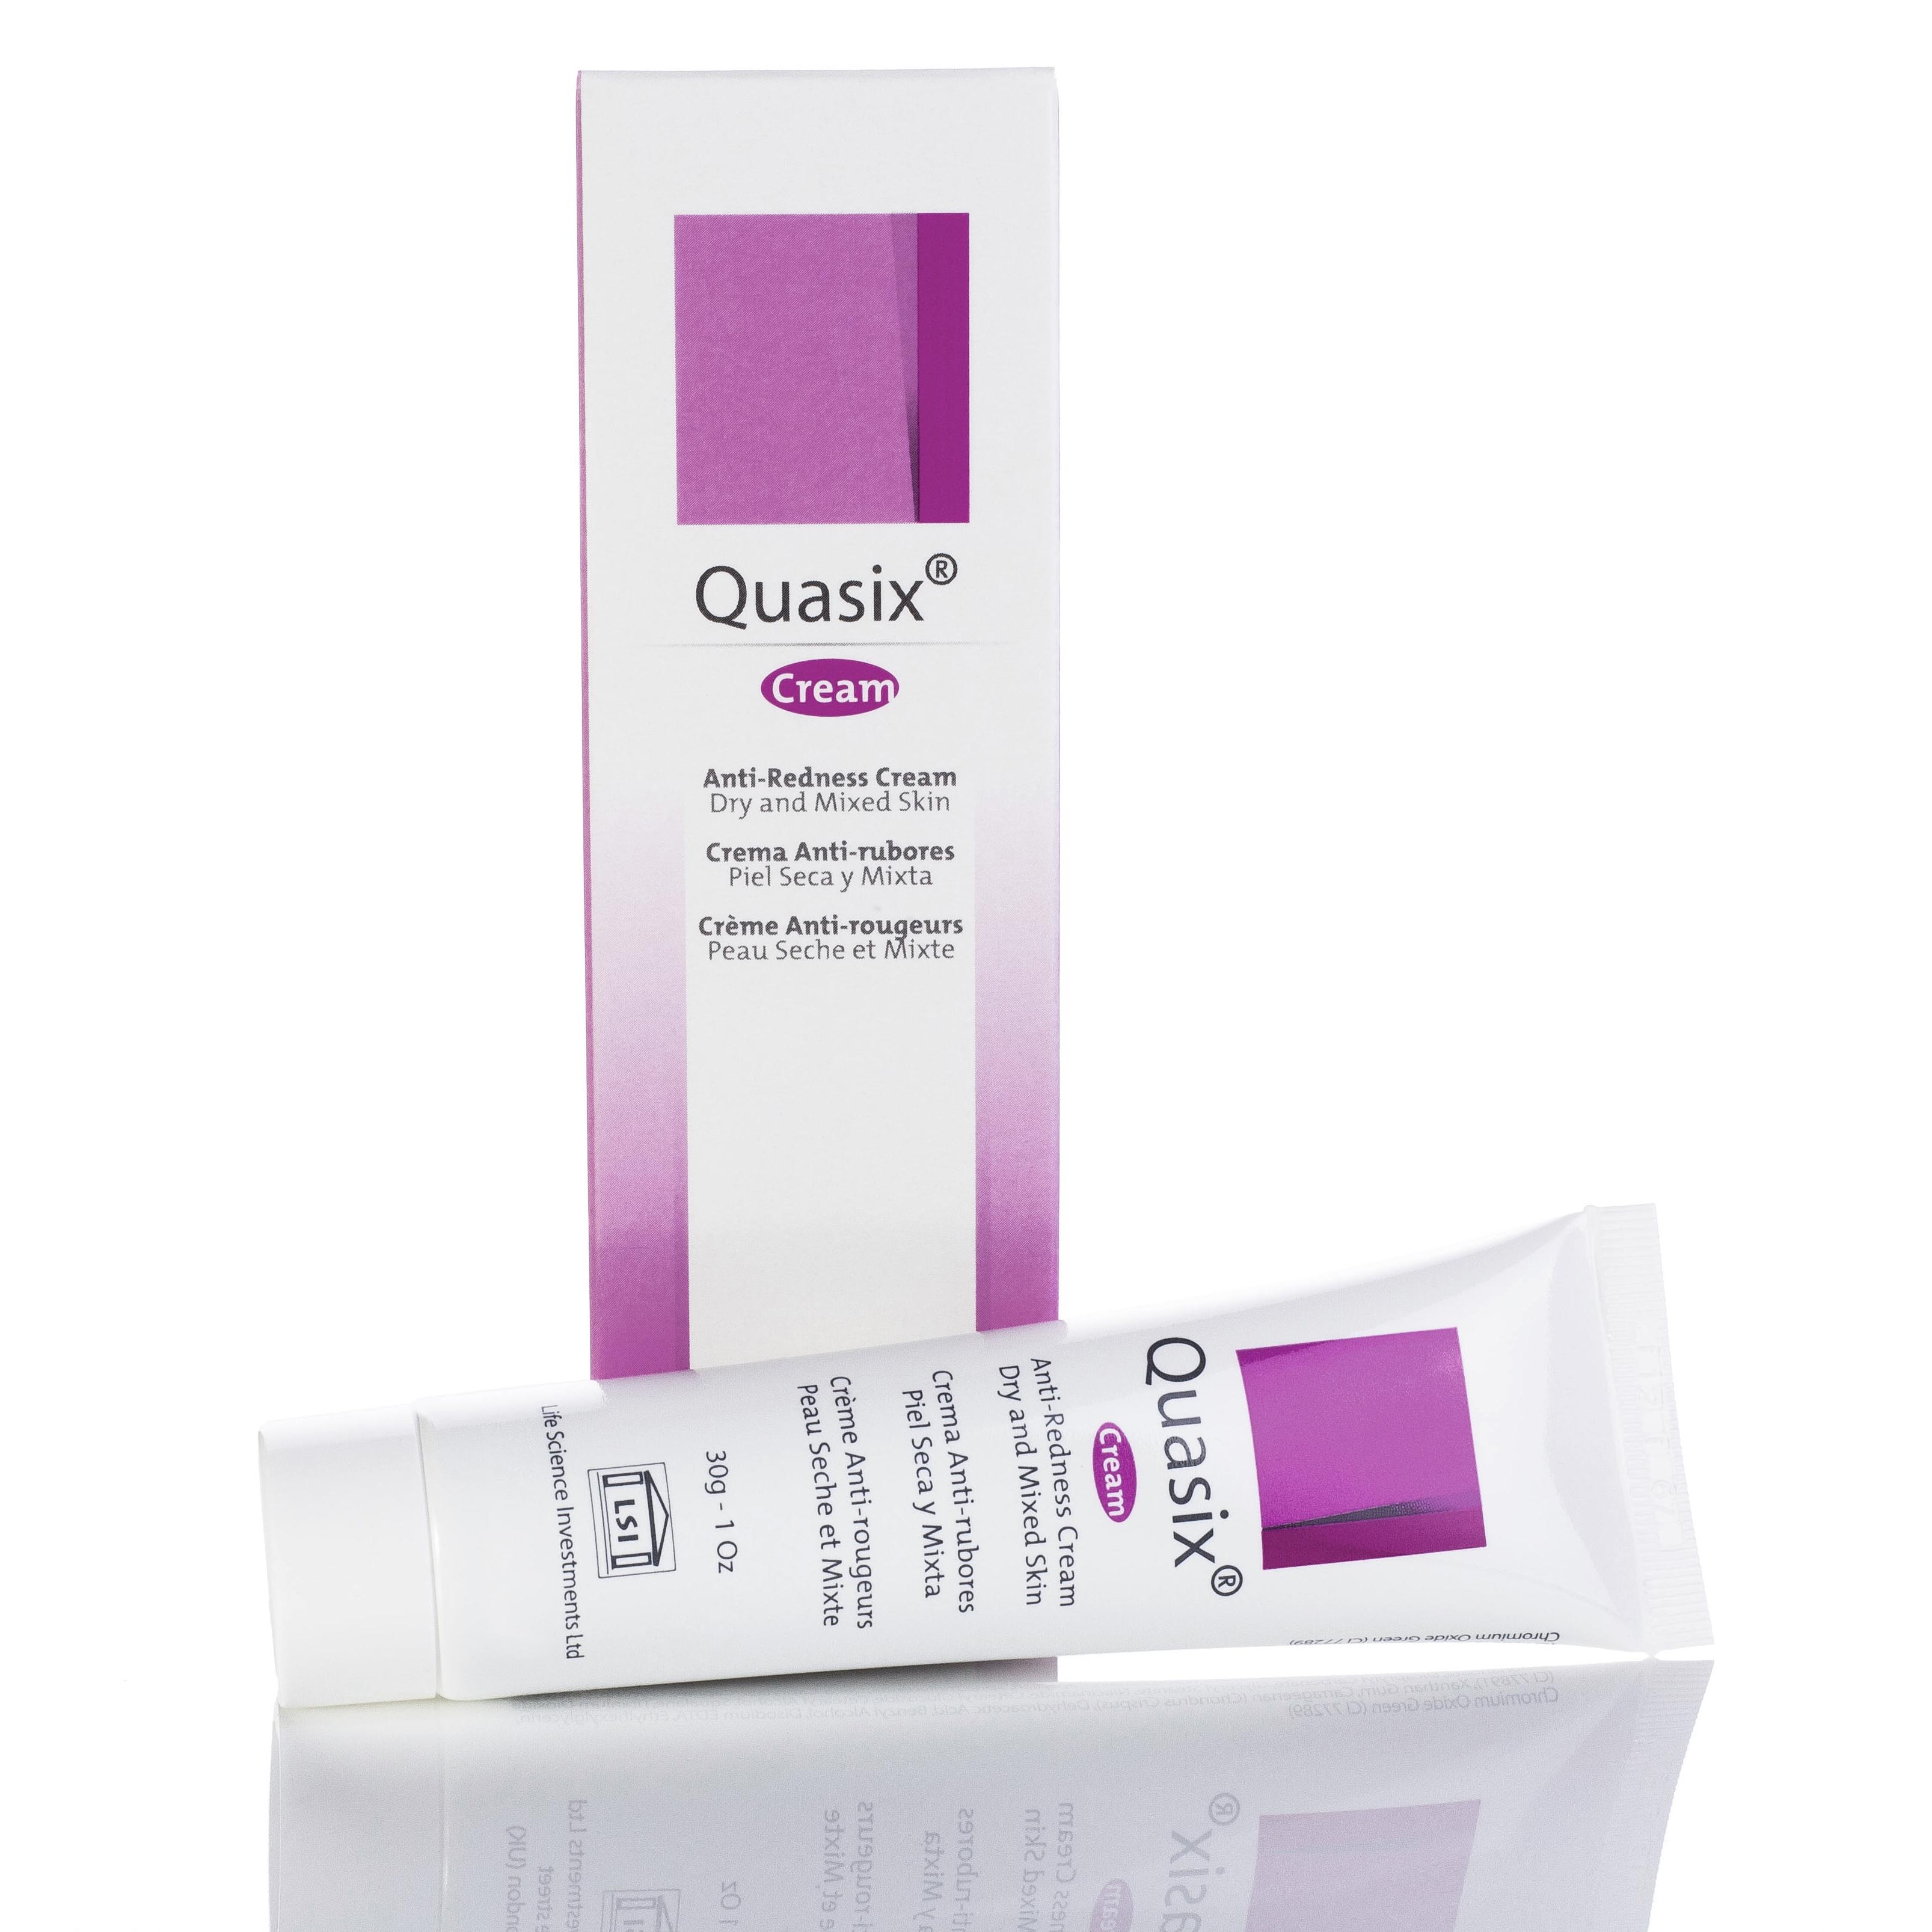 QUASIX Cream